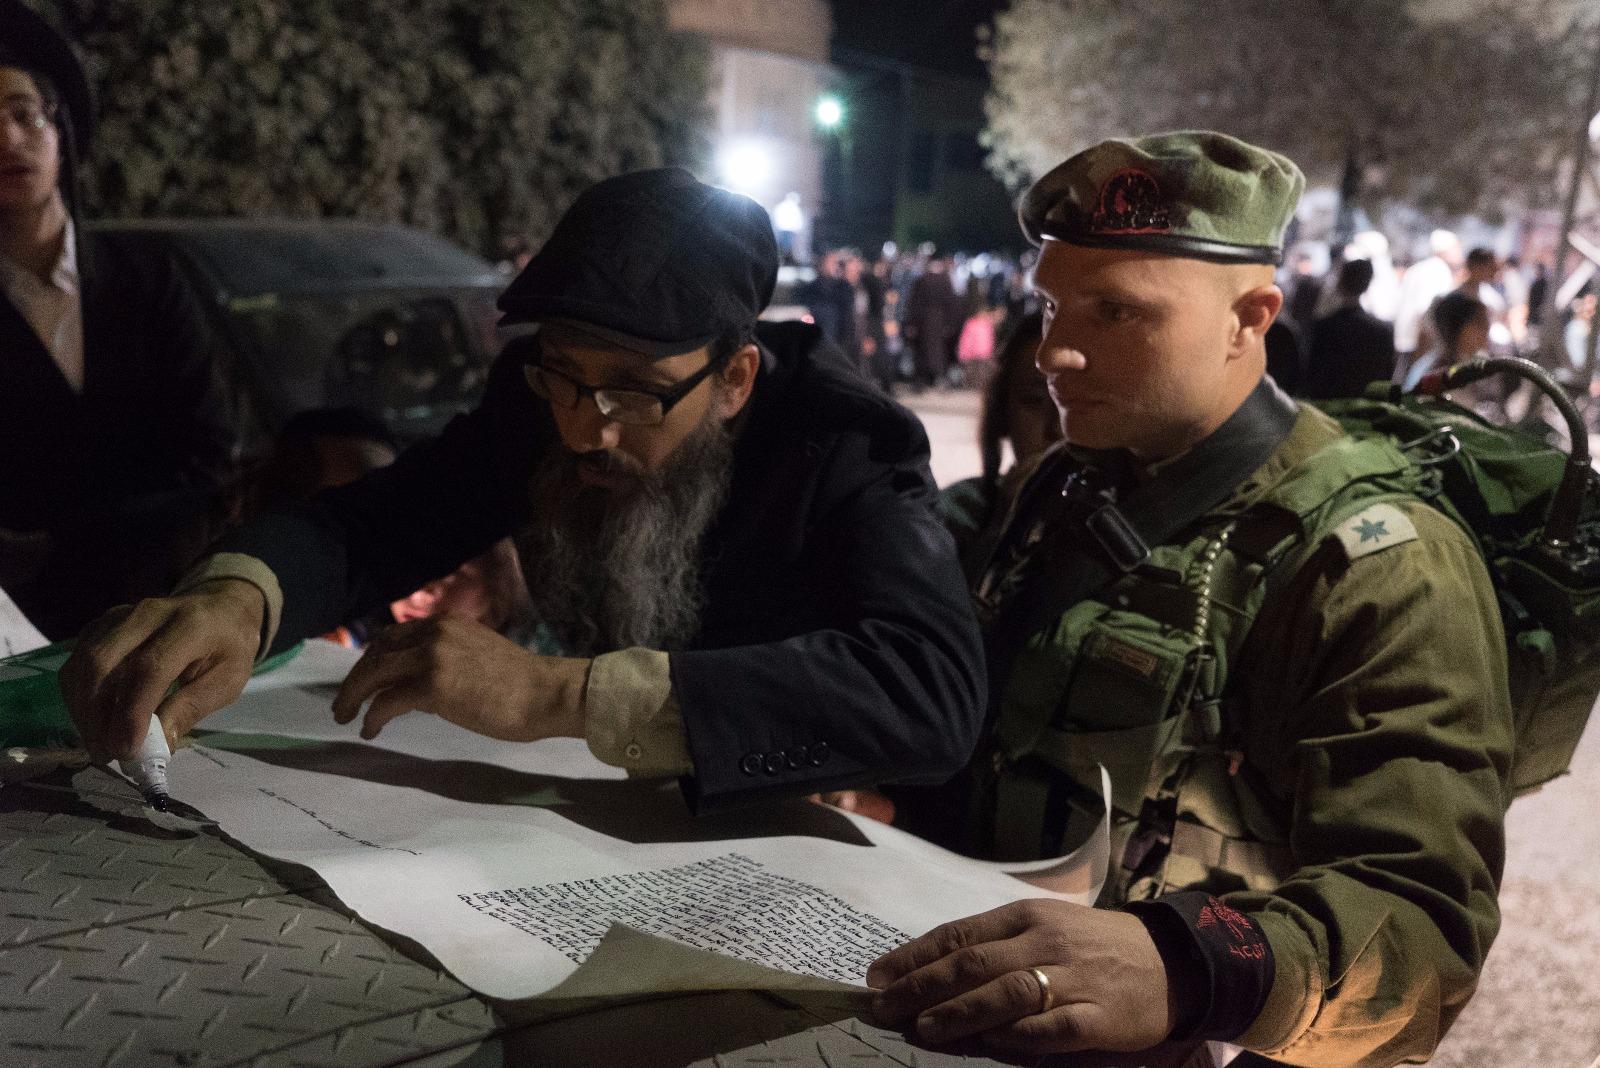 באישון ליל: מאות אנשים עלו לקברו של יהושע בן נון